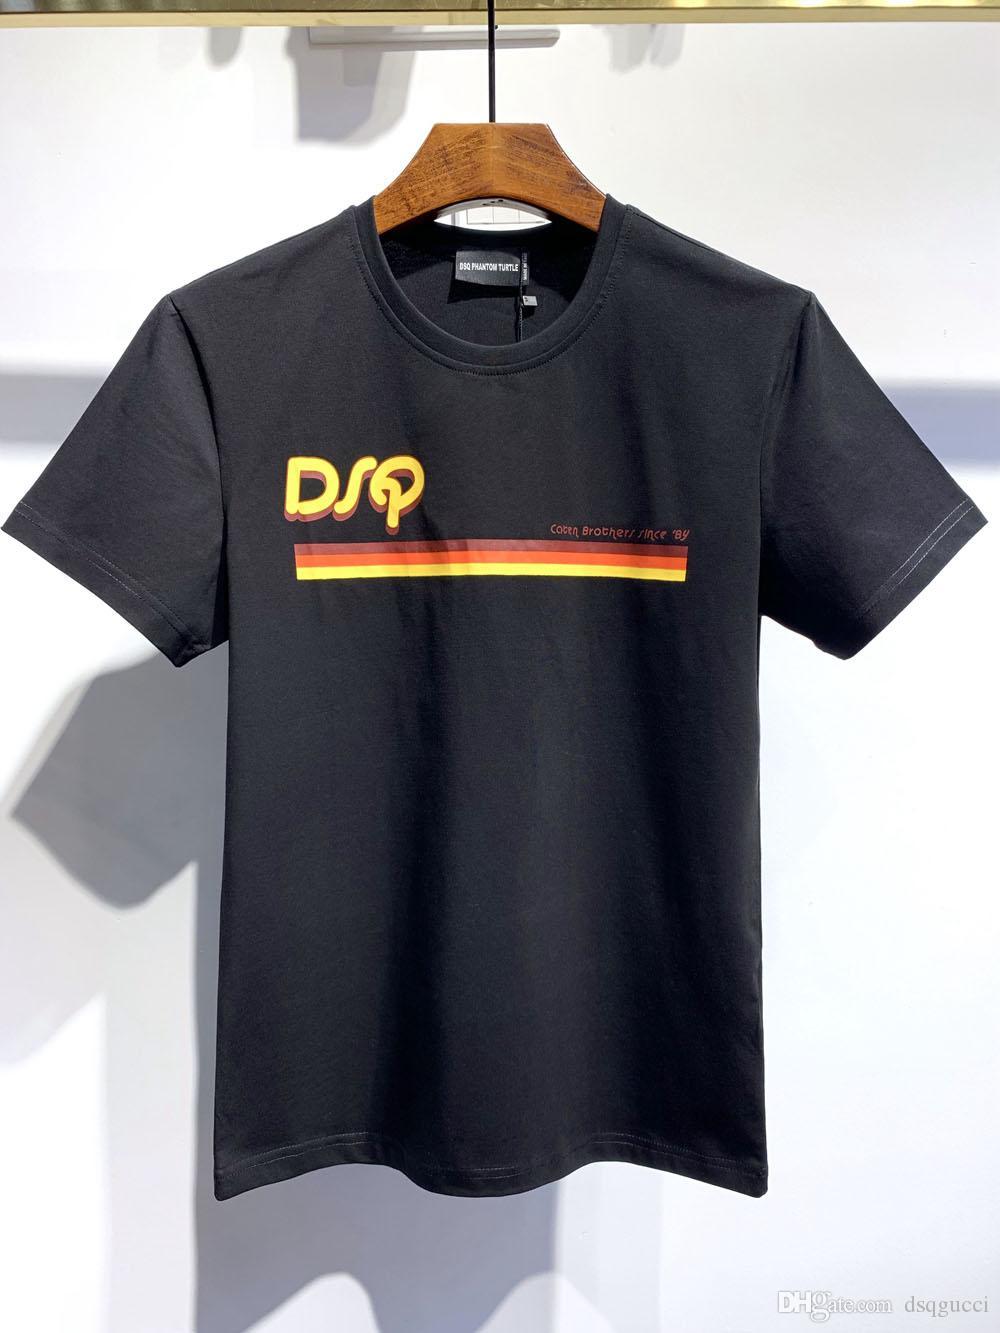 SBT Erkek Tasarımcı T Gömlek Siyah Beyaz Erkek Yaz Modası Günlük Sade tişört 6843 Kısa Kollu Euro Boyut M-XXXL Tops